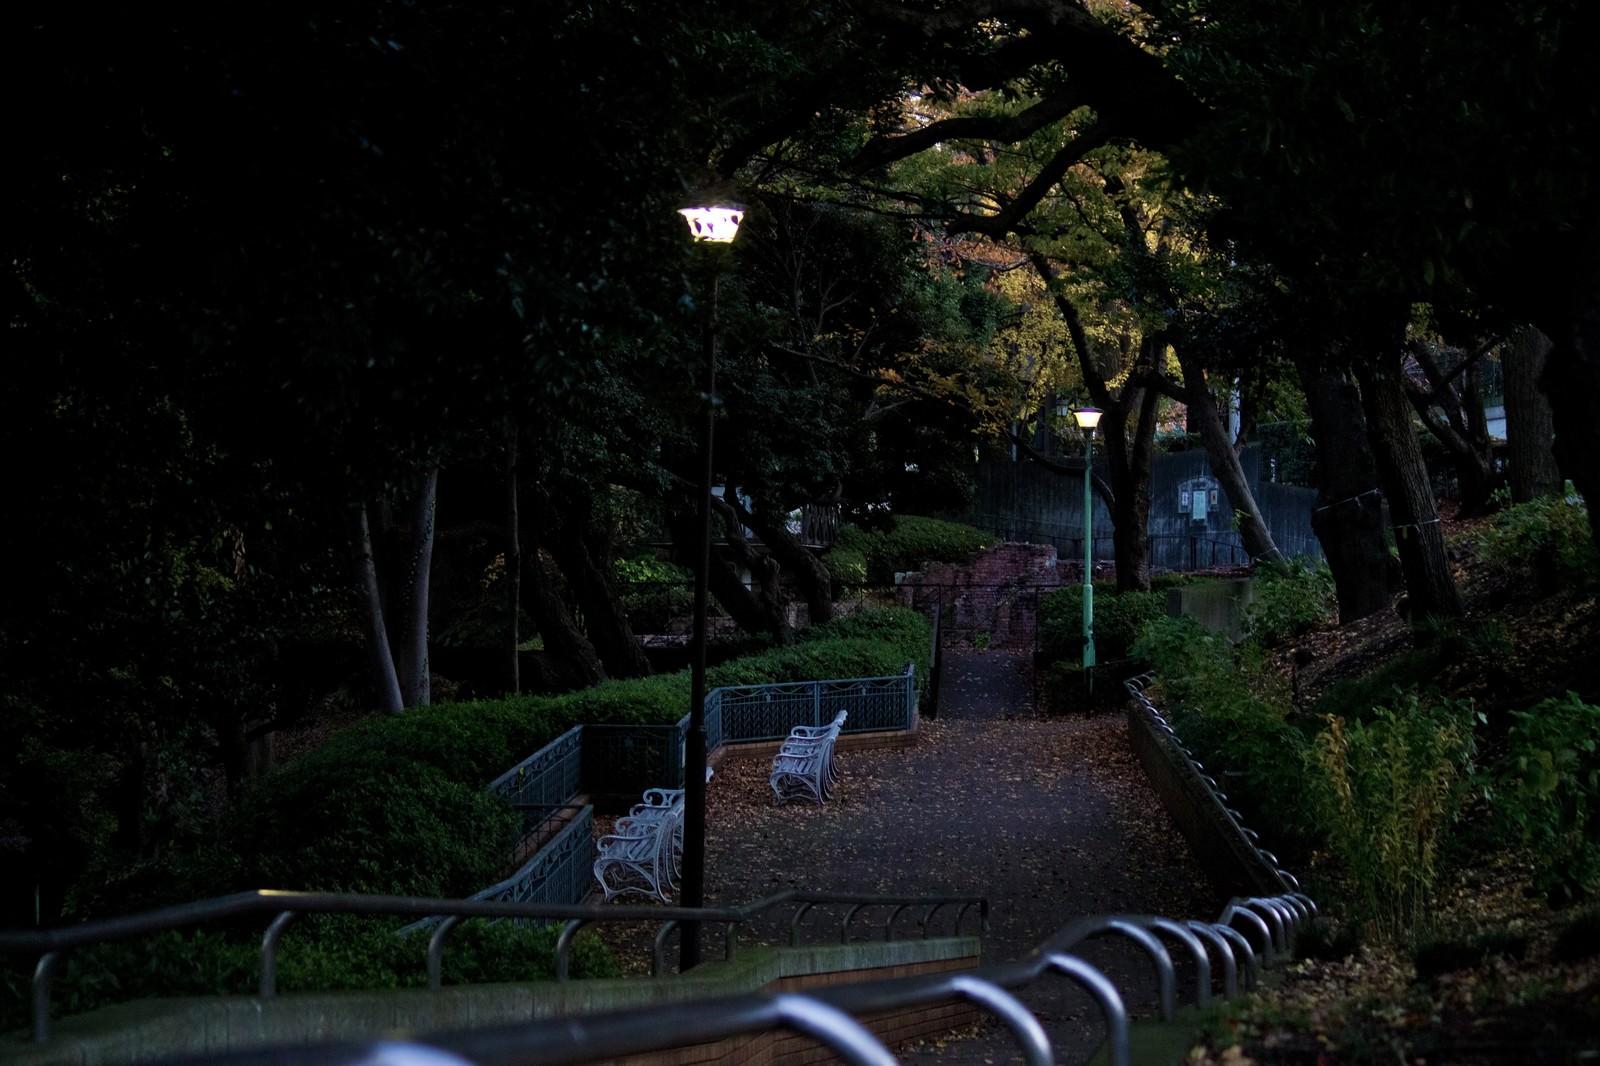 「日が暮れた公園と階段」の写真